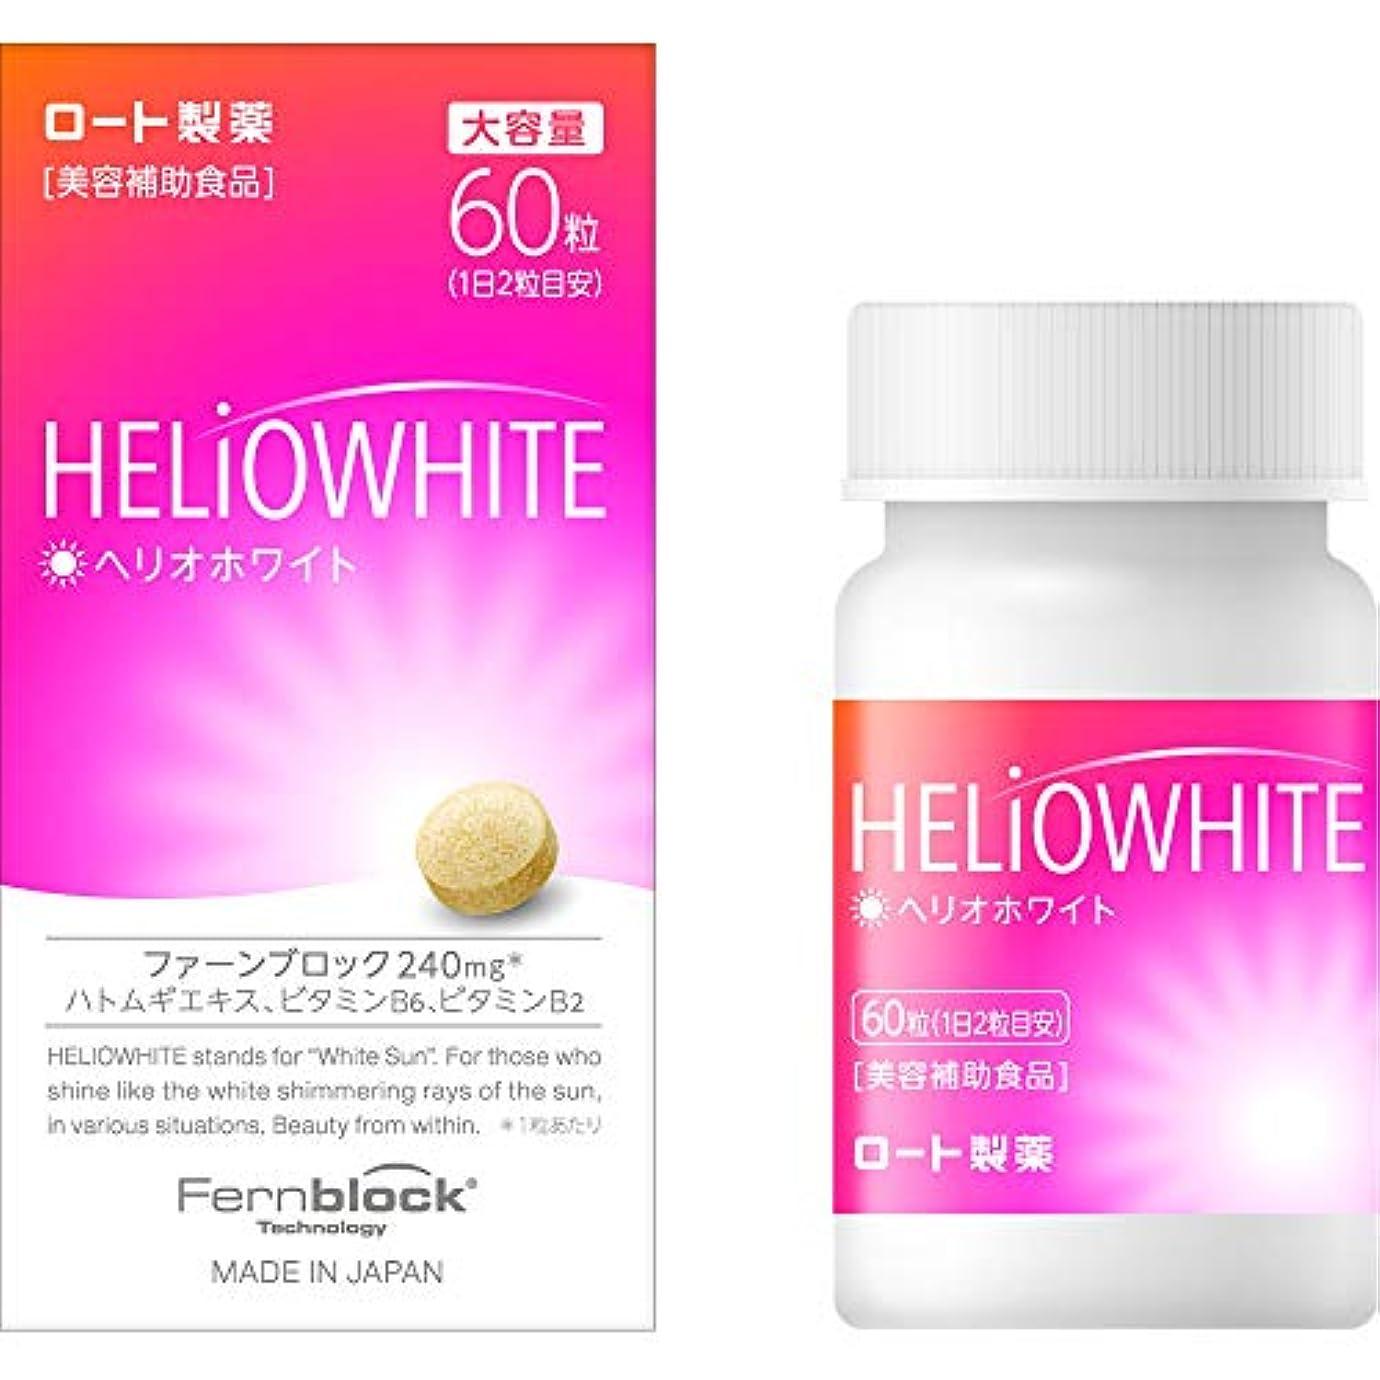 ボスつかむ責めロート製薬 ヘリオホワイト 60粒 シダ植物抽出成分 ファーンブロック Fernblock 240mg 配合 美容補助食品